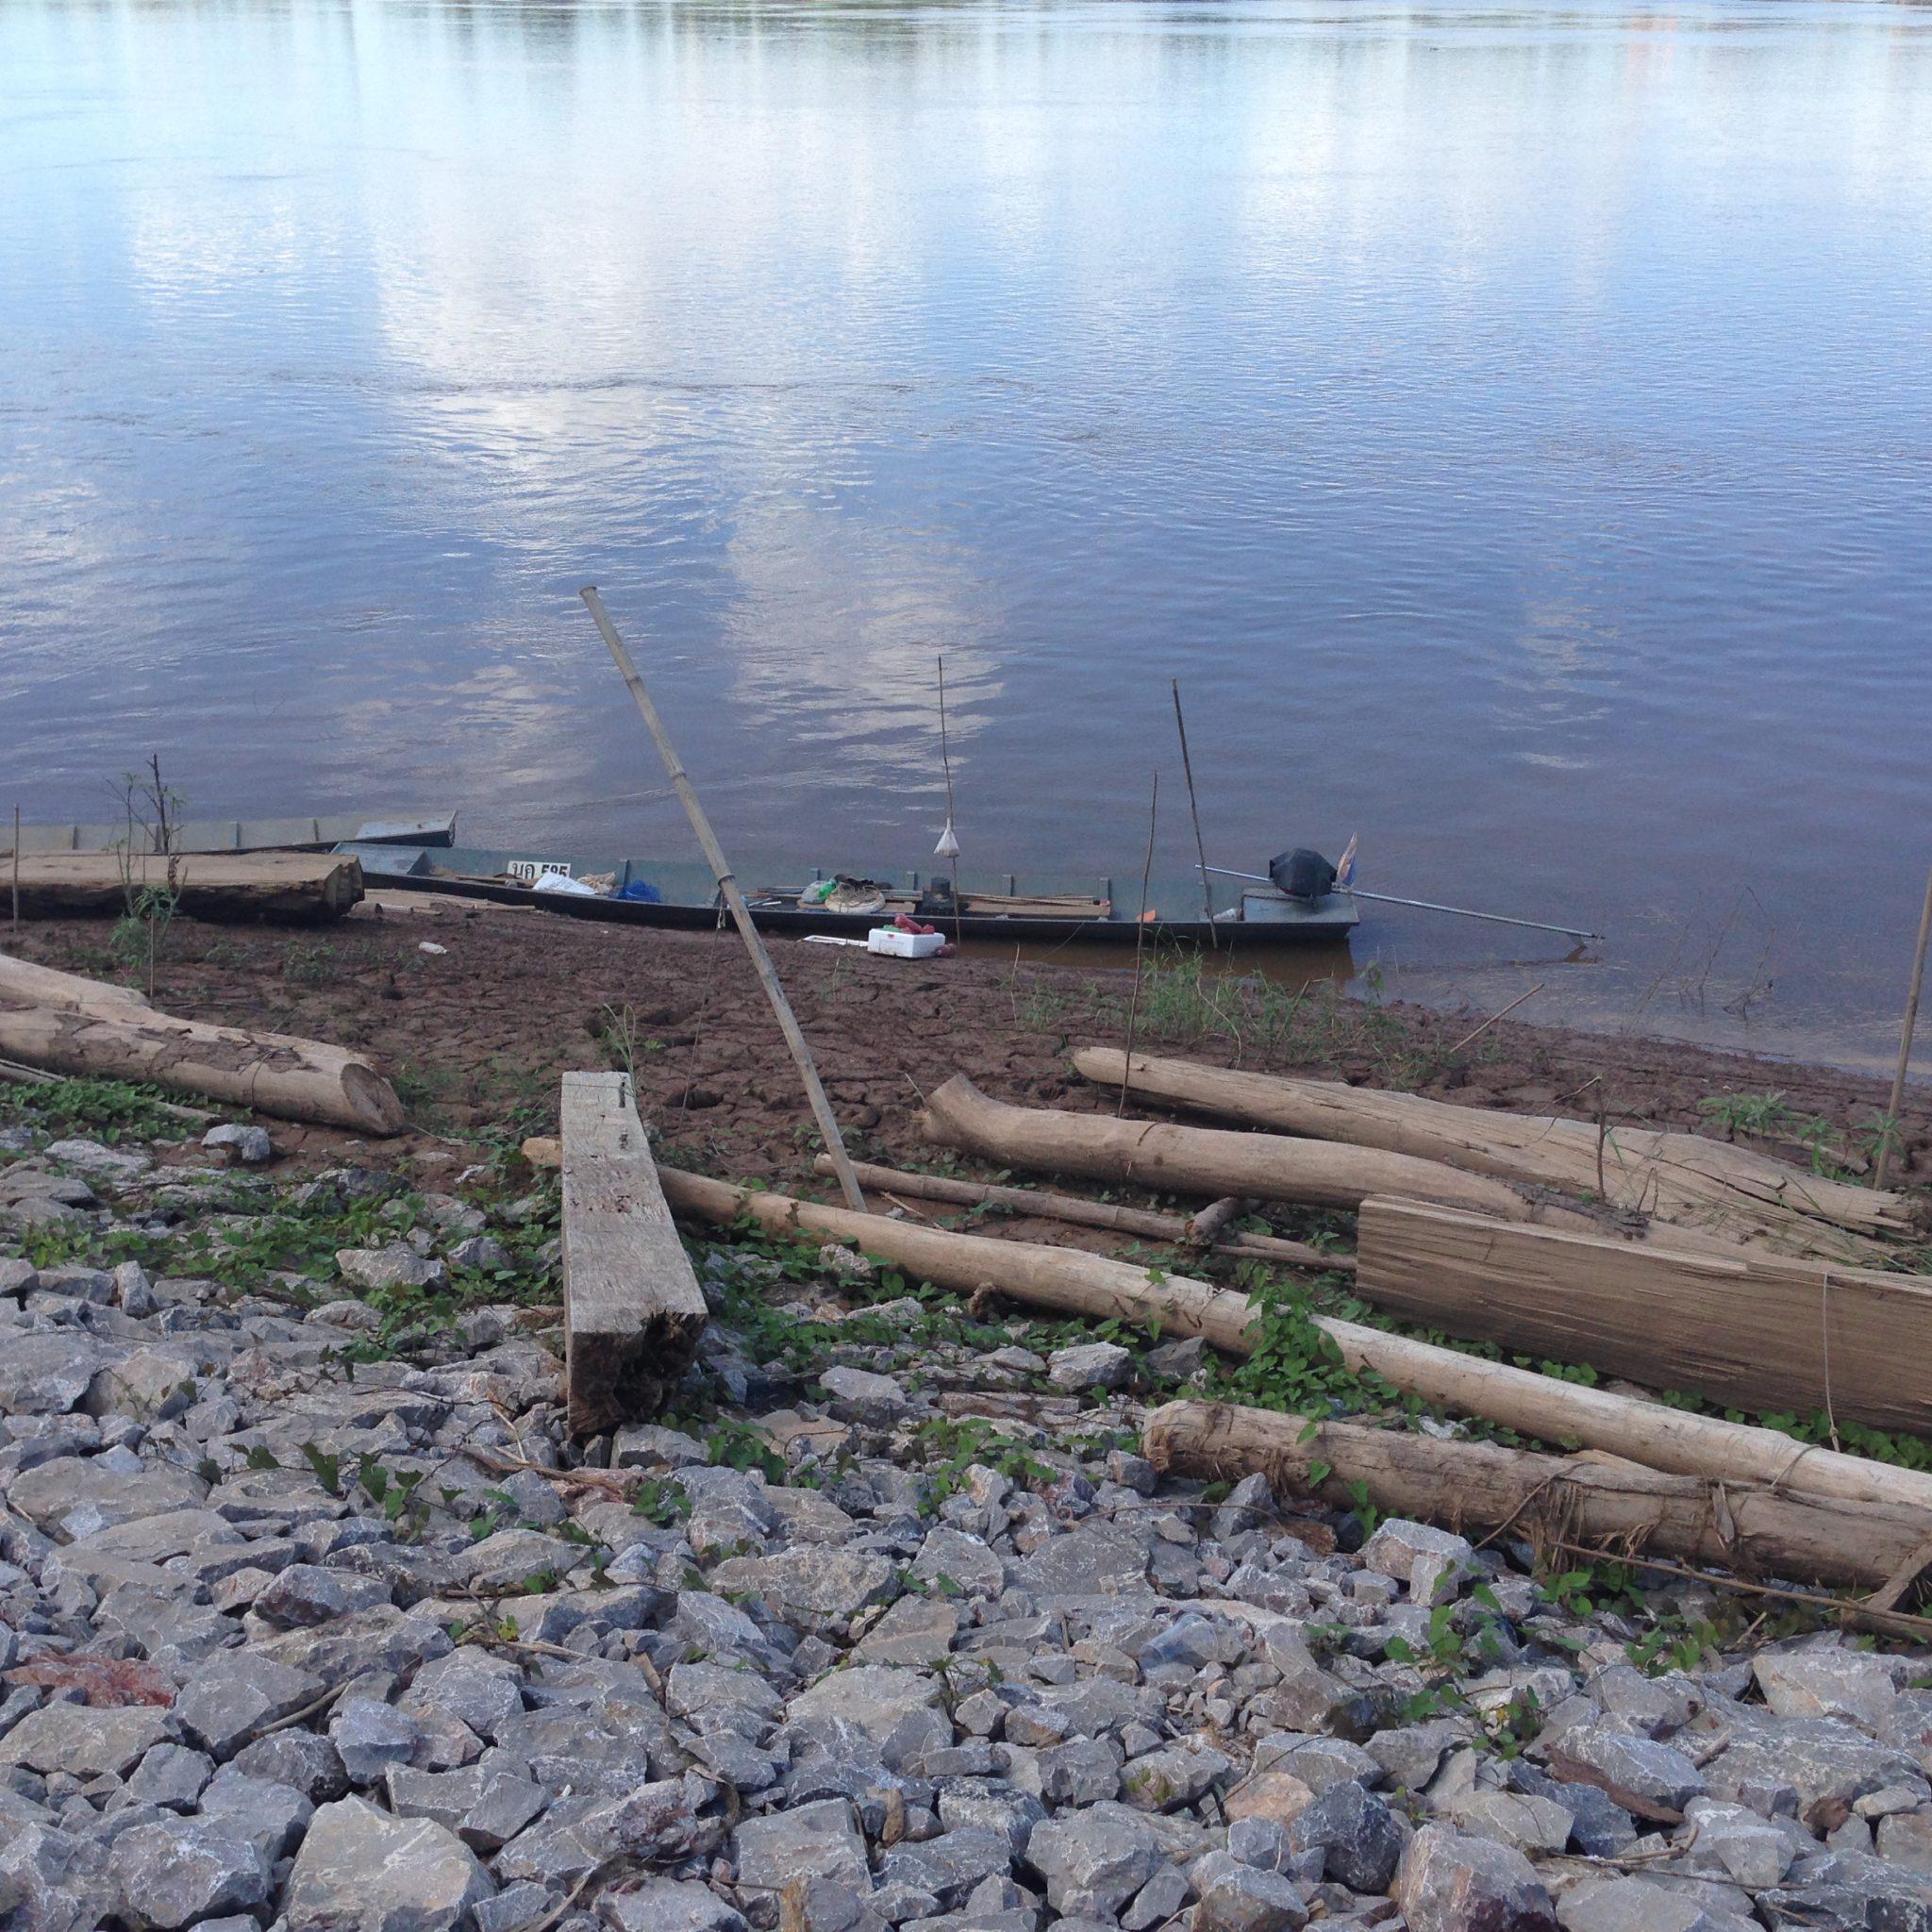 Fishing boat at Wiang Khuk